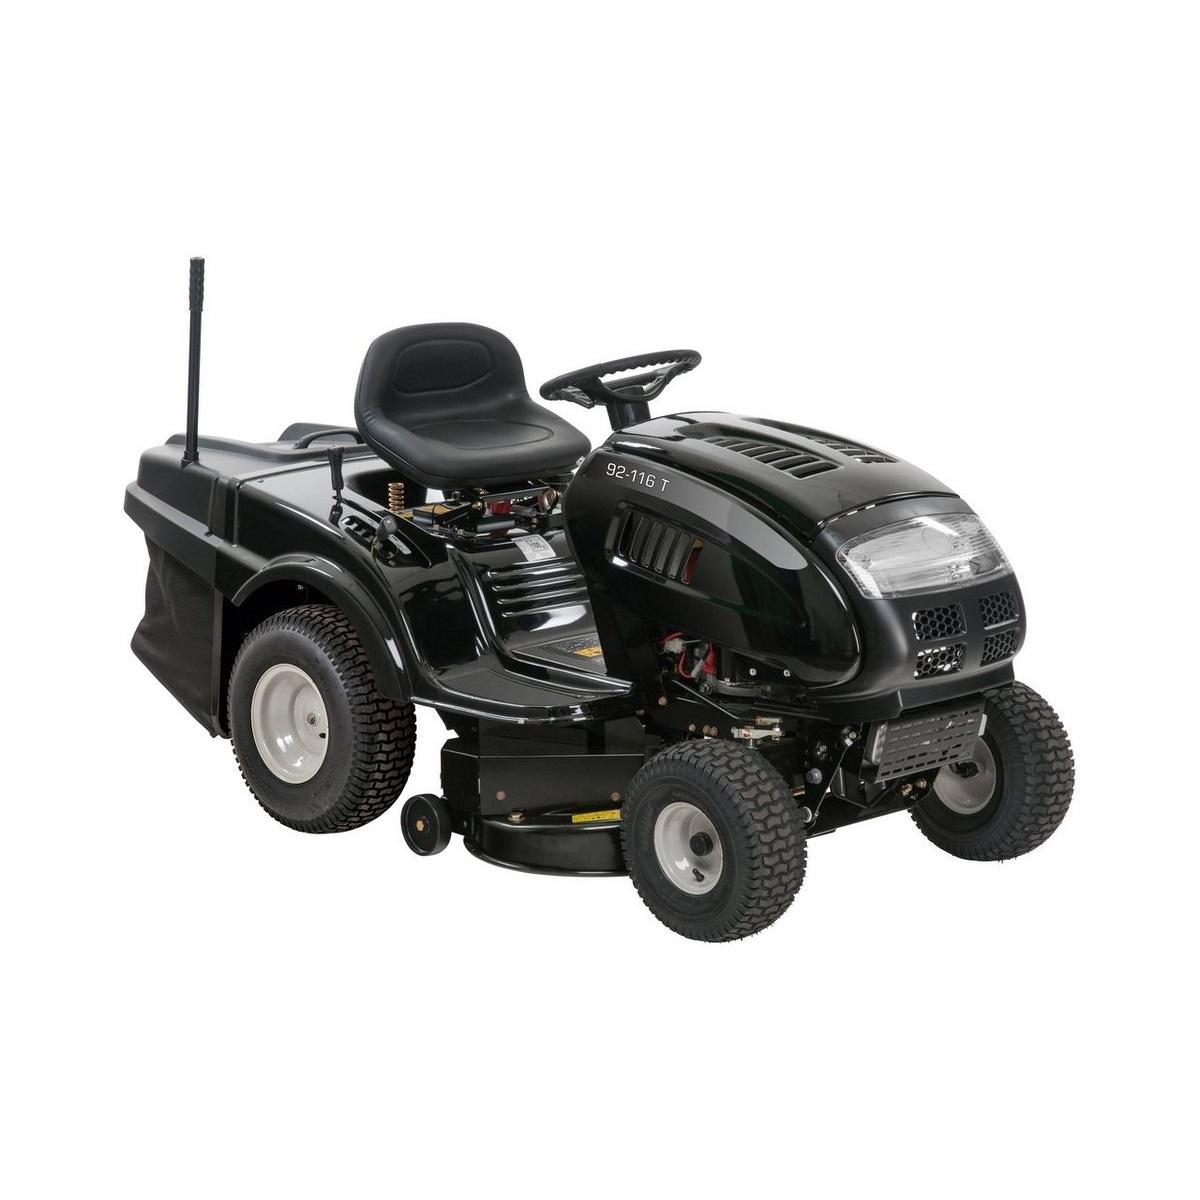 MTD 92-116 T, travní traktor se zadním výhozem a převodovkou Transmatic